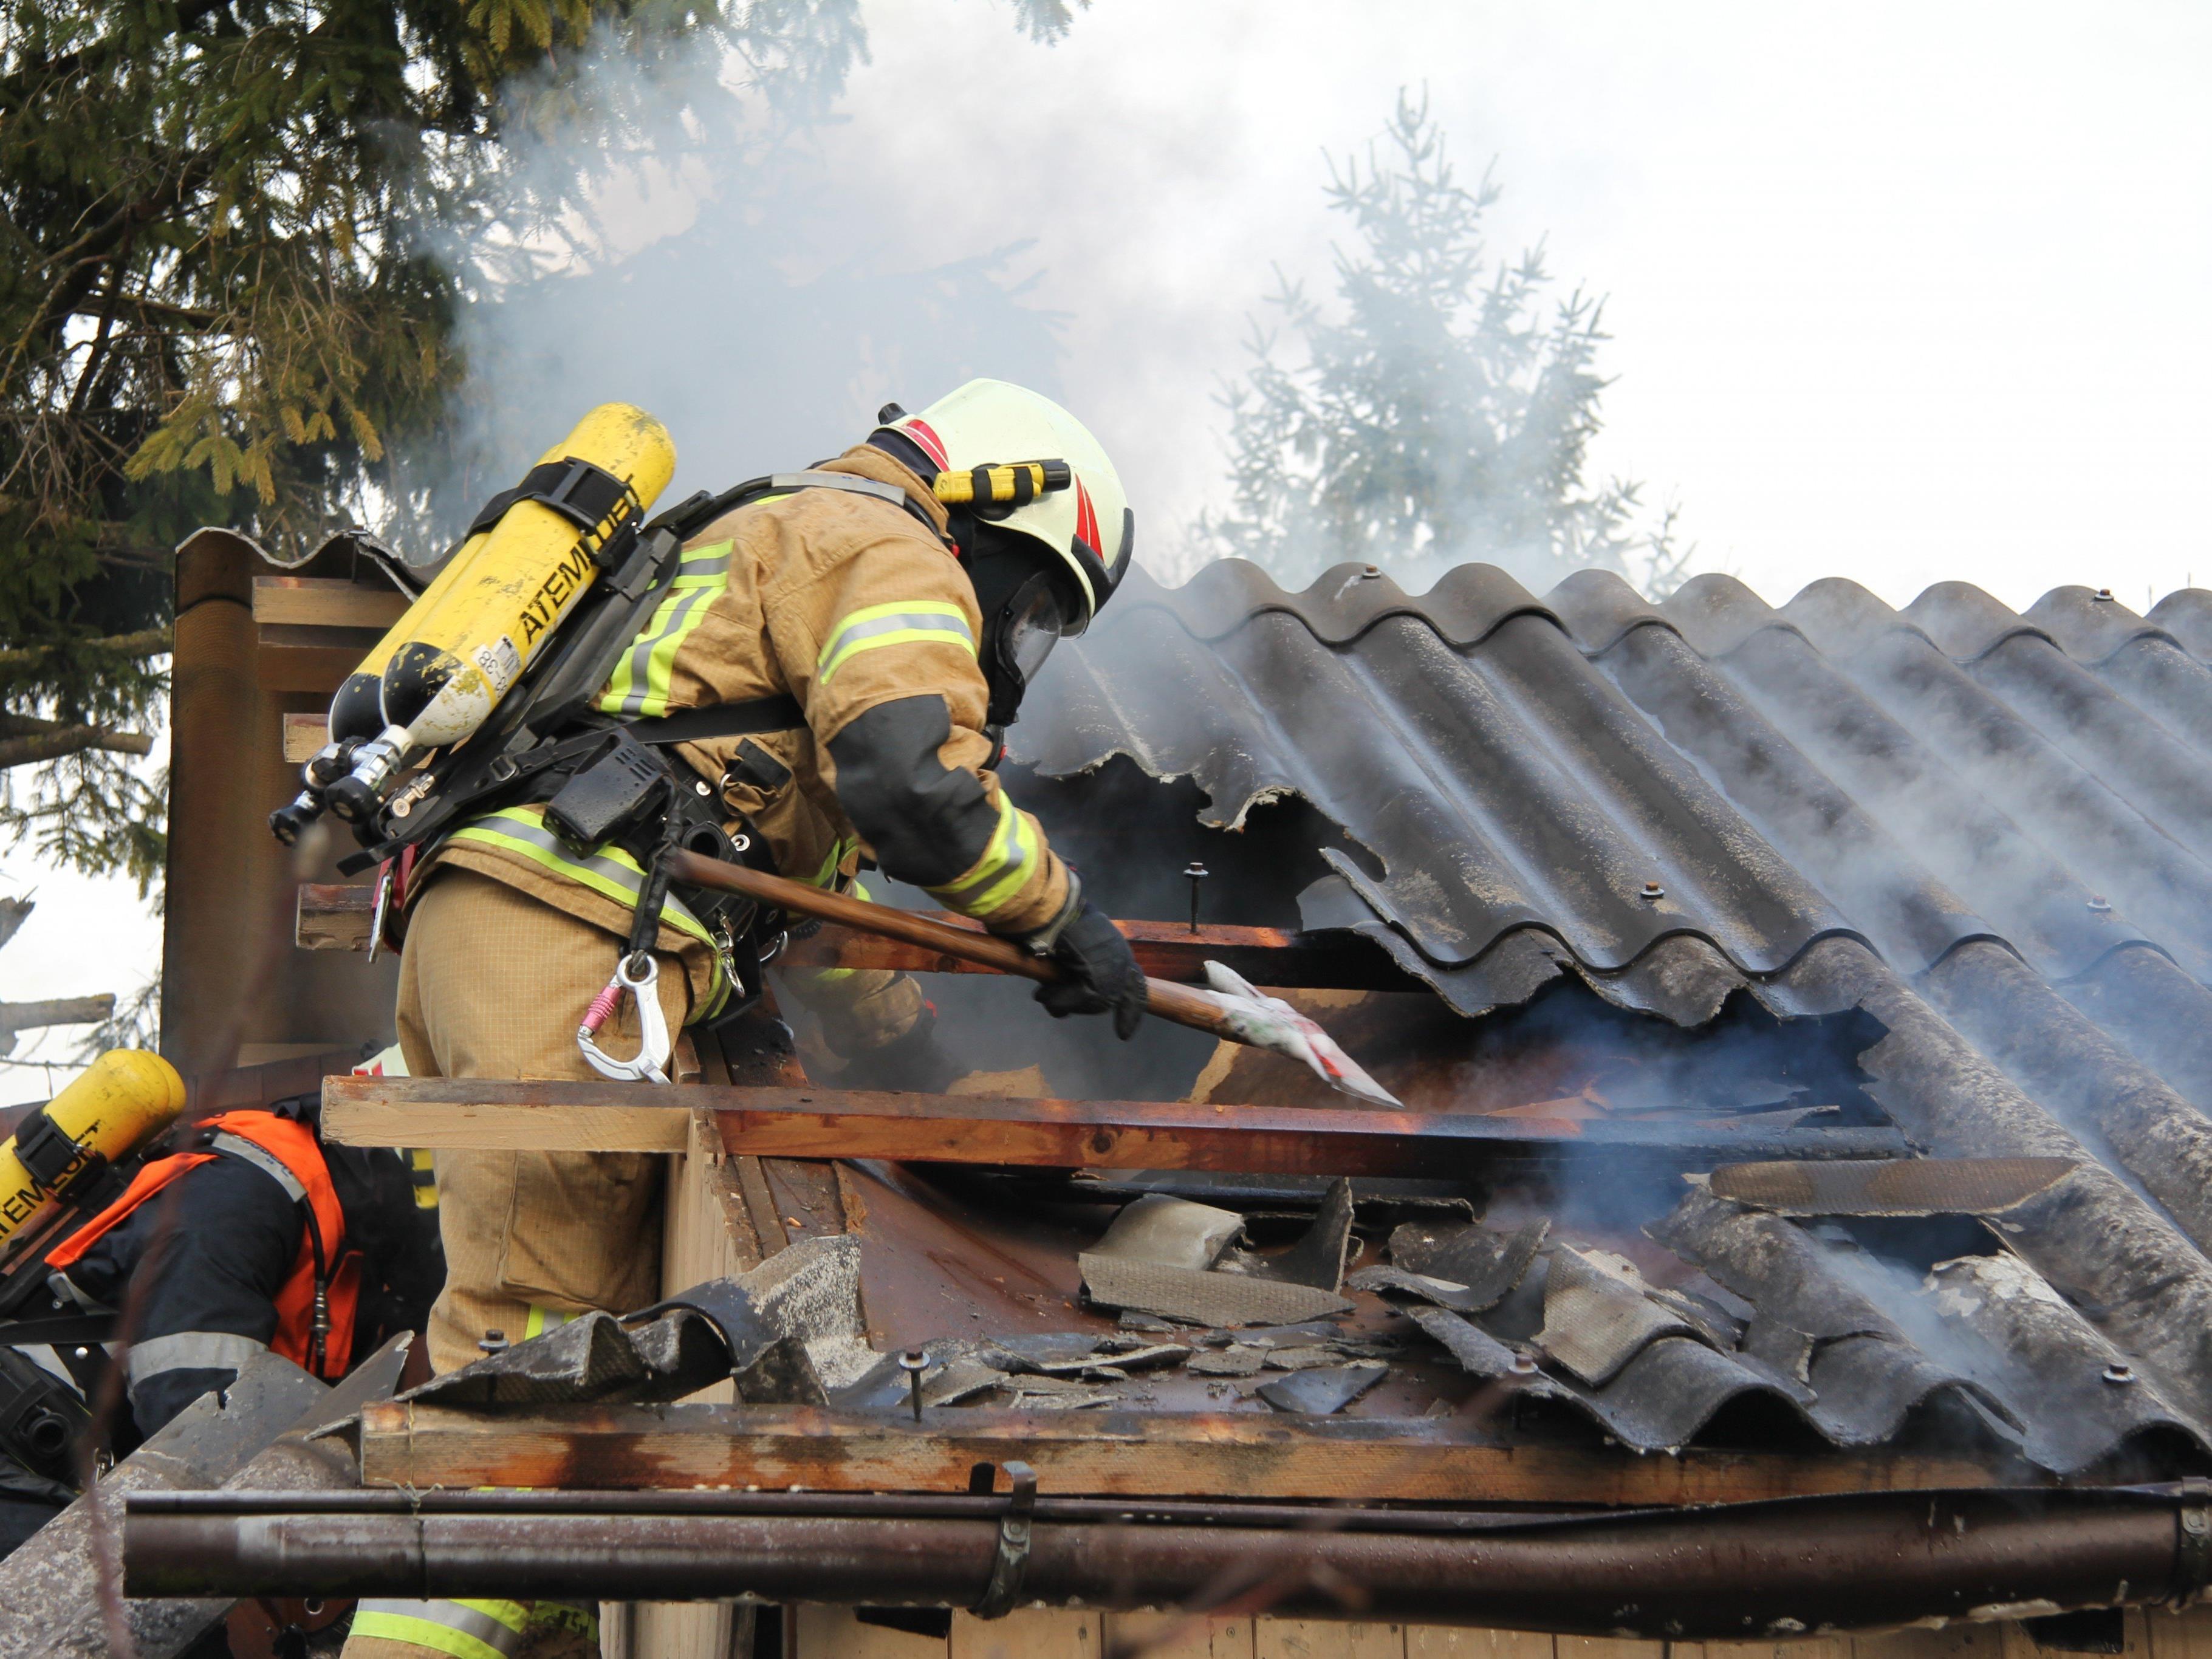 Die Feuerwehr in Vorarlberg hatte 2015 rund 332 Einsätze bei Gebäudebränden.